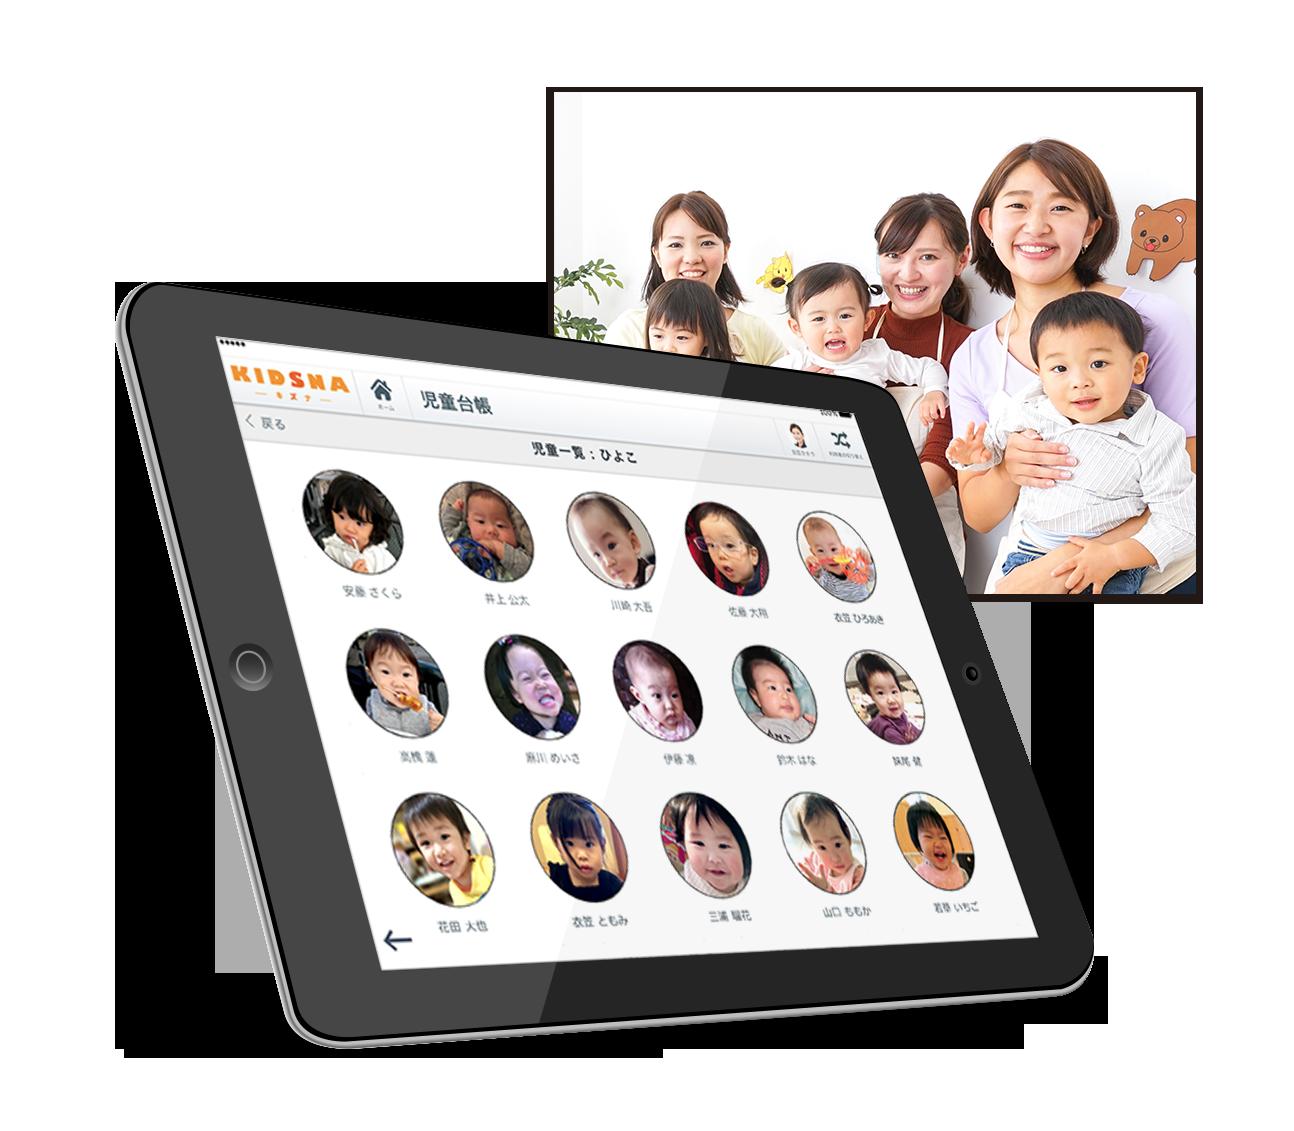 保育園・幼稚園向け業務管理ツール